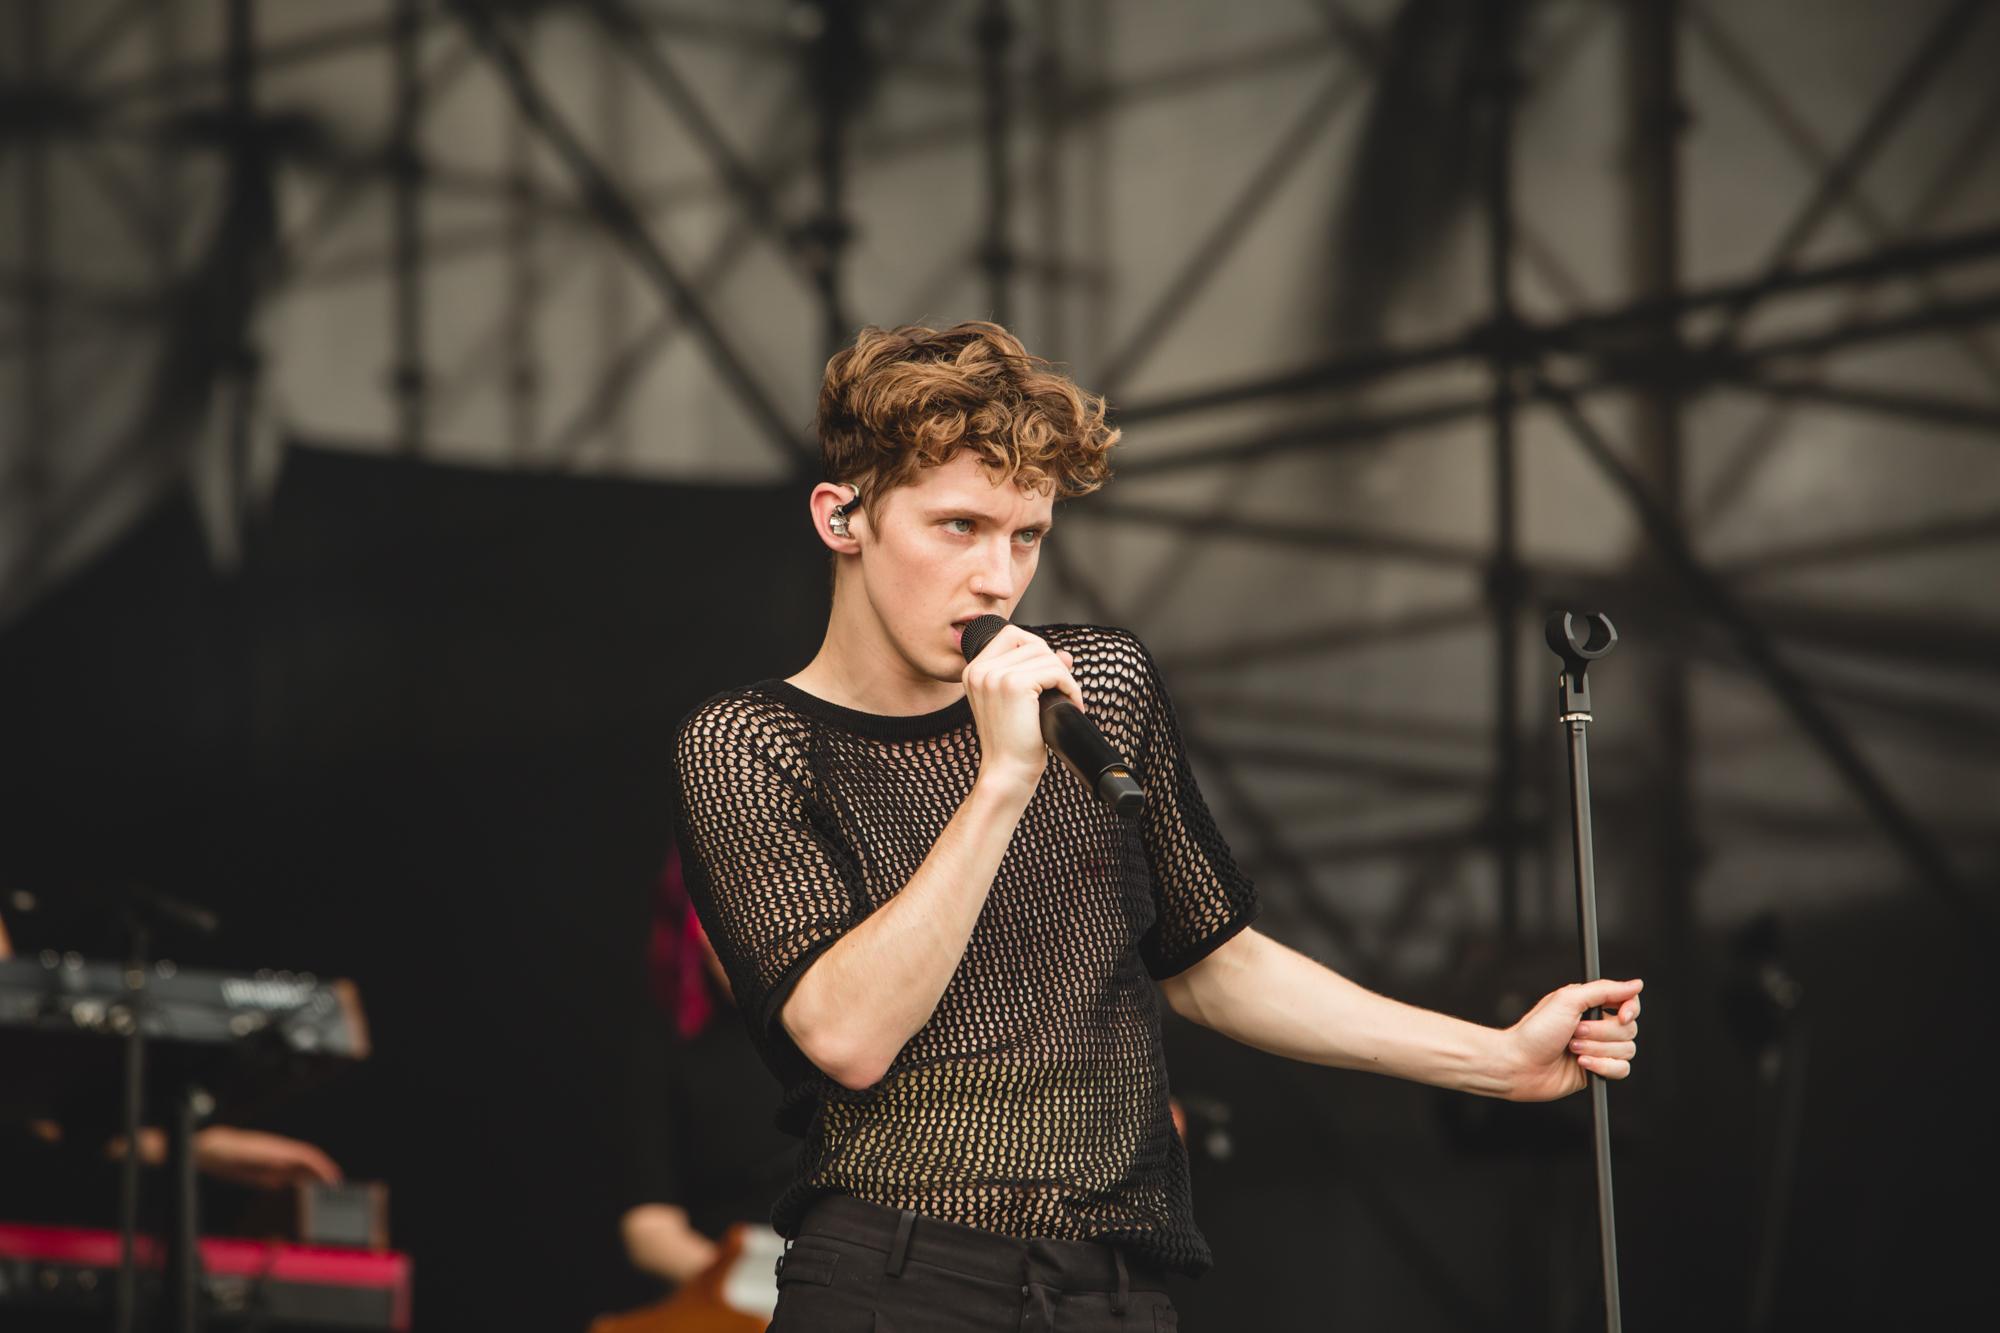 Troye Sivan cantando no palco do Lollapalooza Brasil; ele usa uma camisa preta transparente com furinhos e está observando o público enquanto canta segurando o microfone próximo do rosto